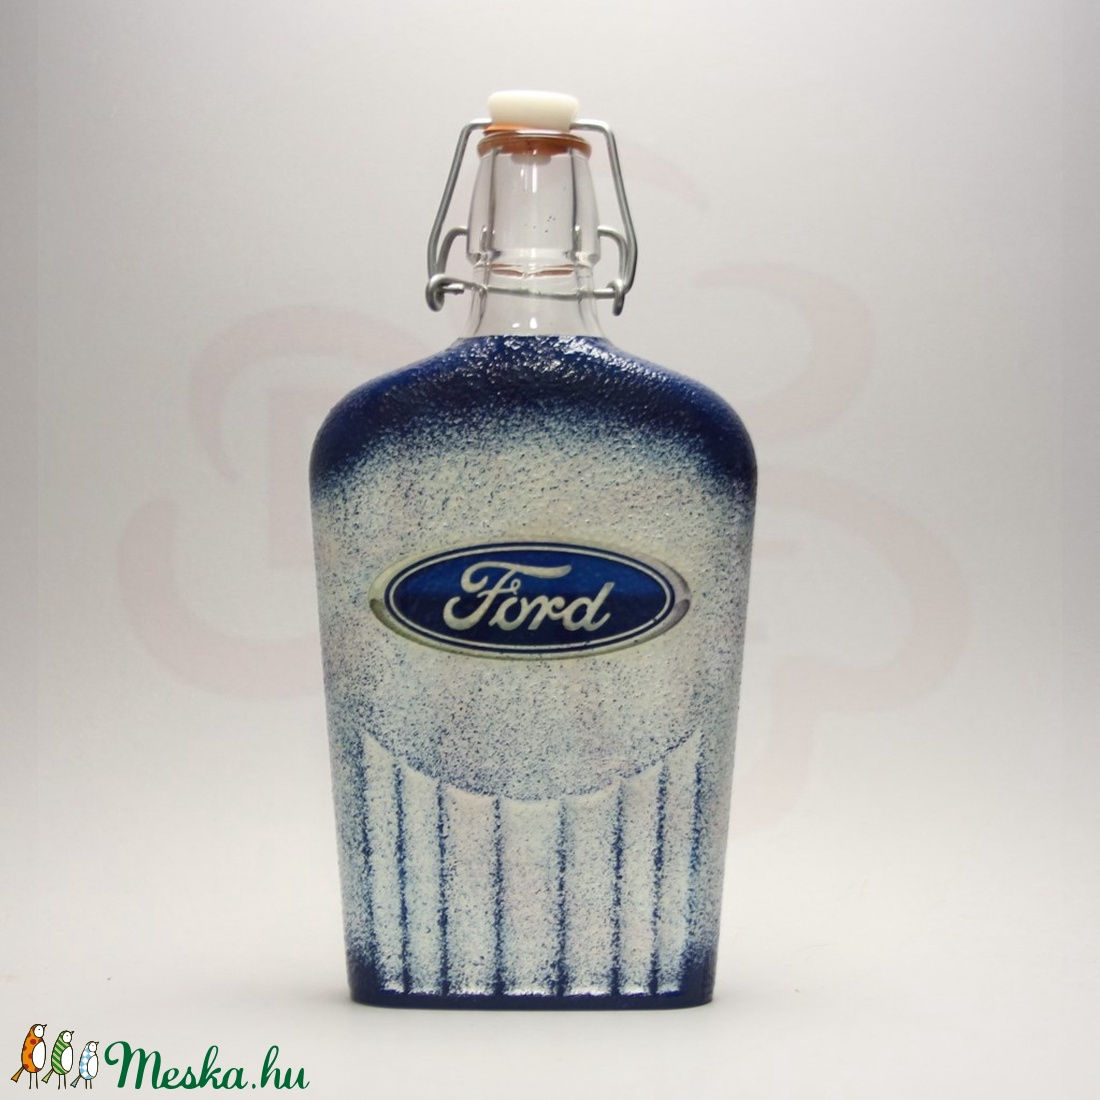 FORD pálinkás üveg ; A saját Ford autód fényképével is!  - Meska.hu